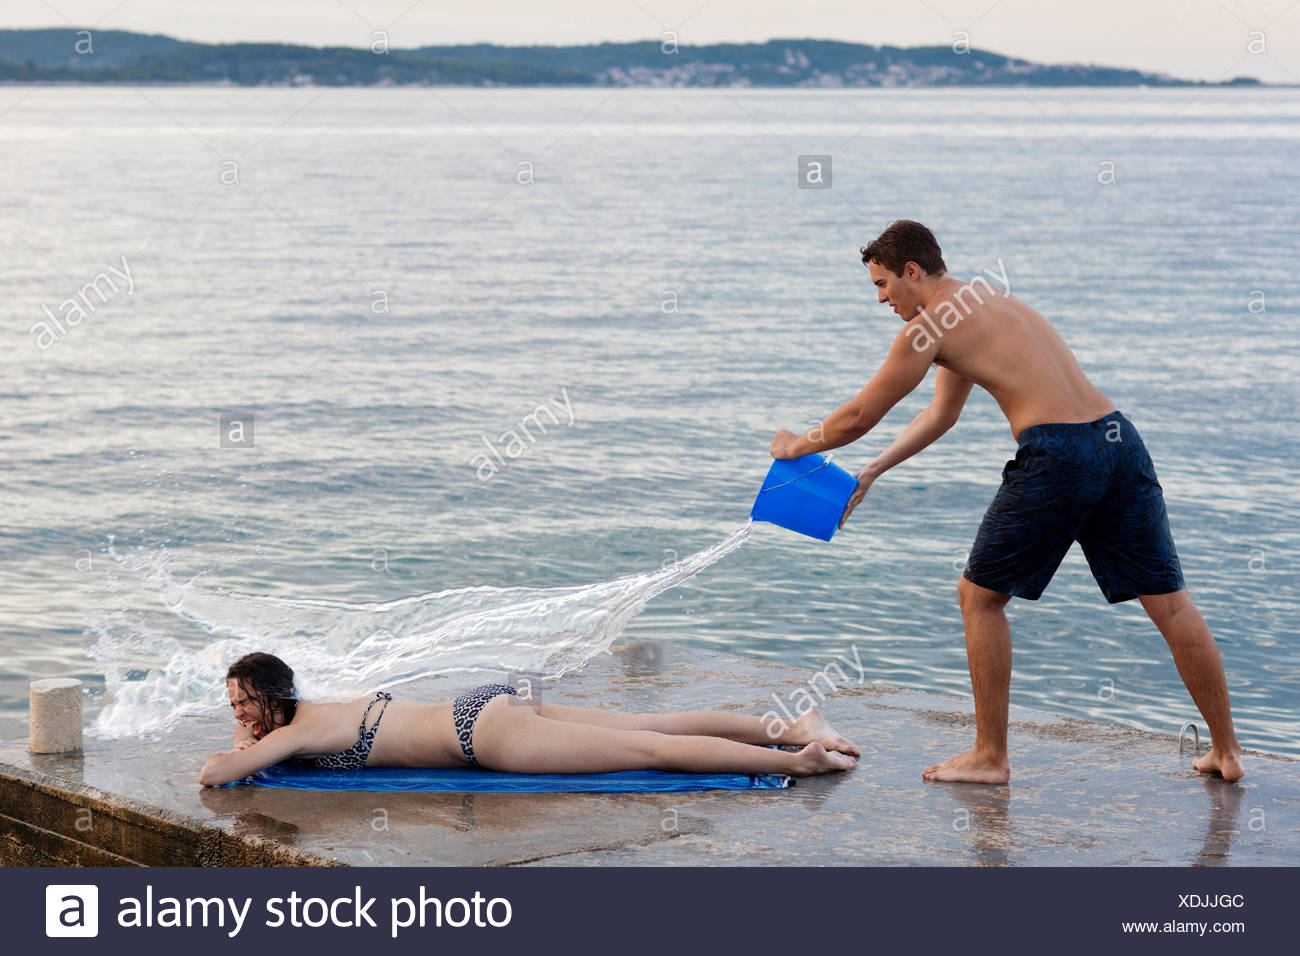 Young man throwing bucket of water over female sunbather, Orebic, Croatia - Stock Image